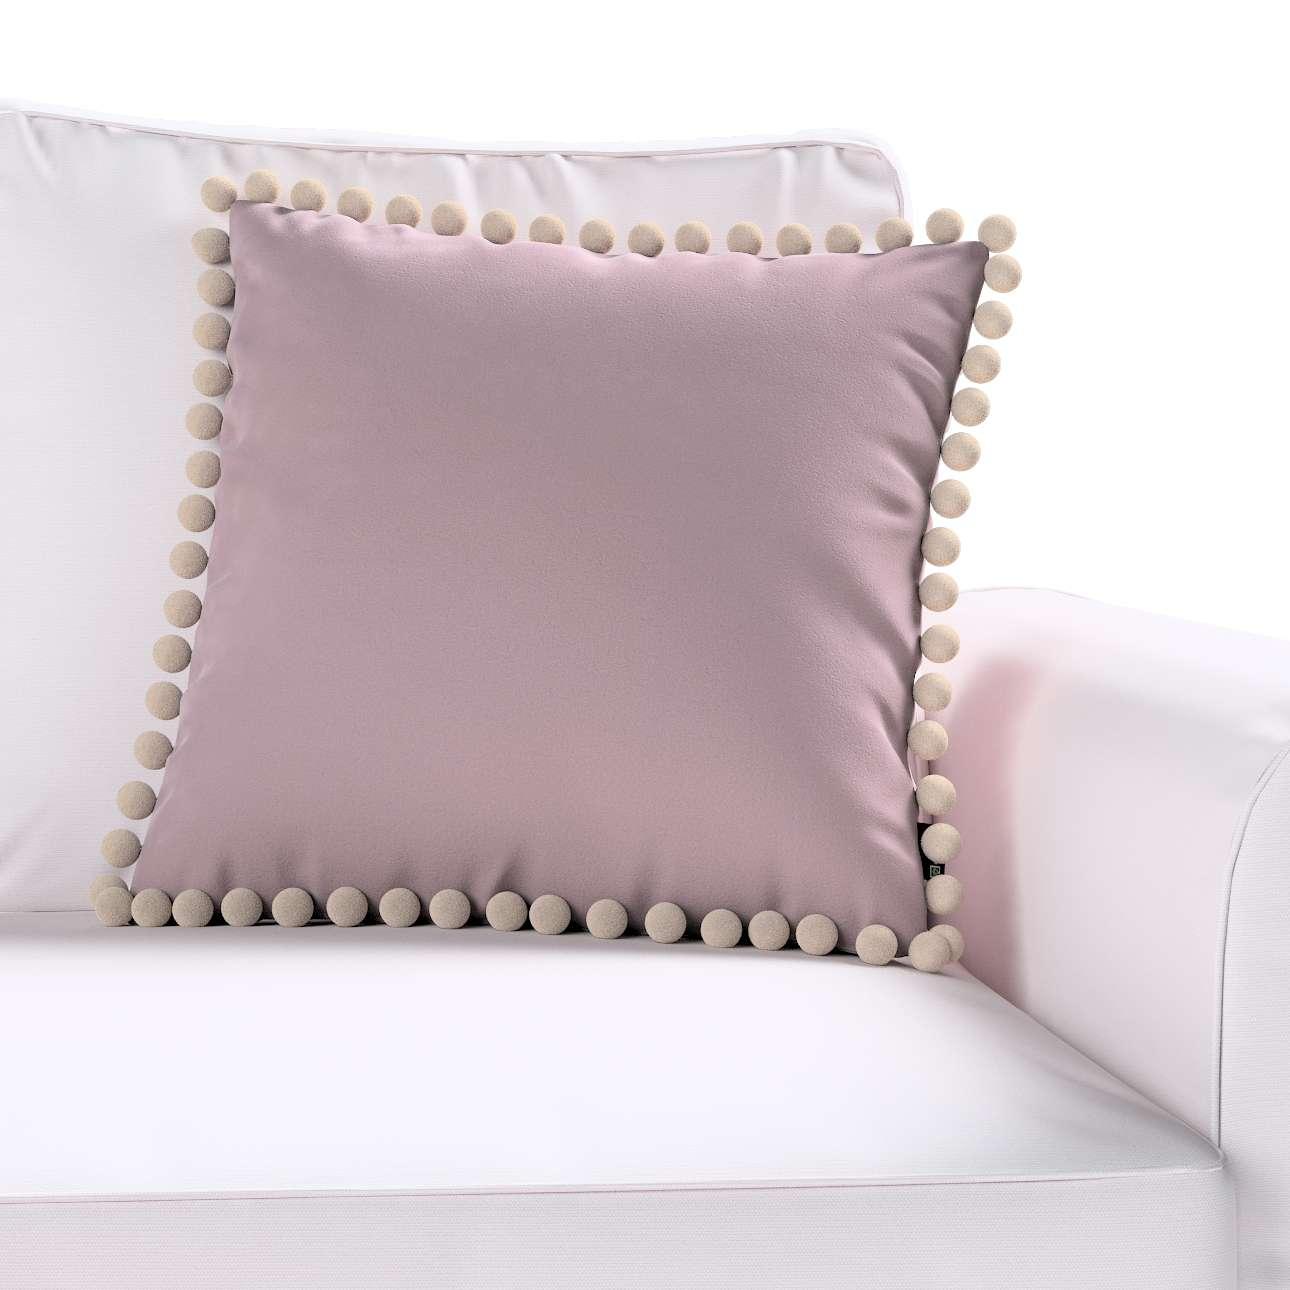 Poszewka Wera na poduszkę 45 x 45 cm w kolekcji Velvet, tkanina: 704-14